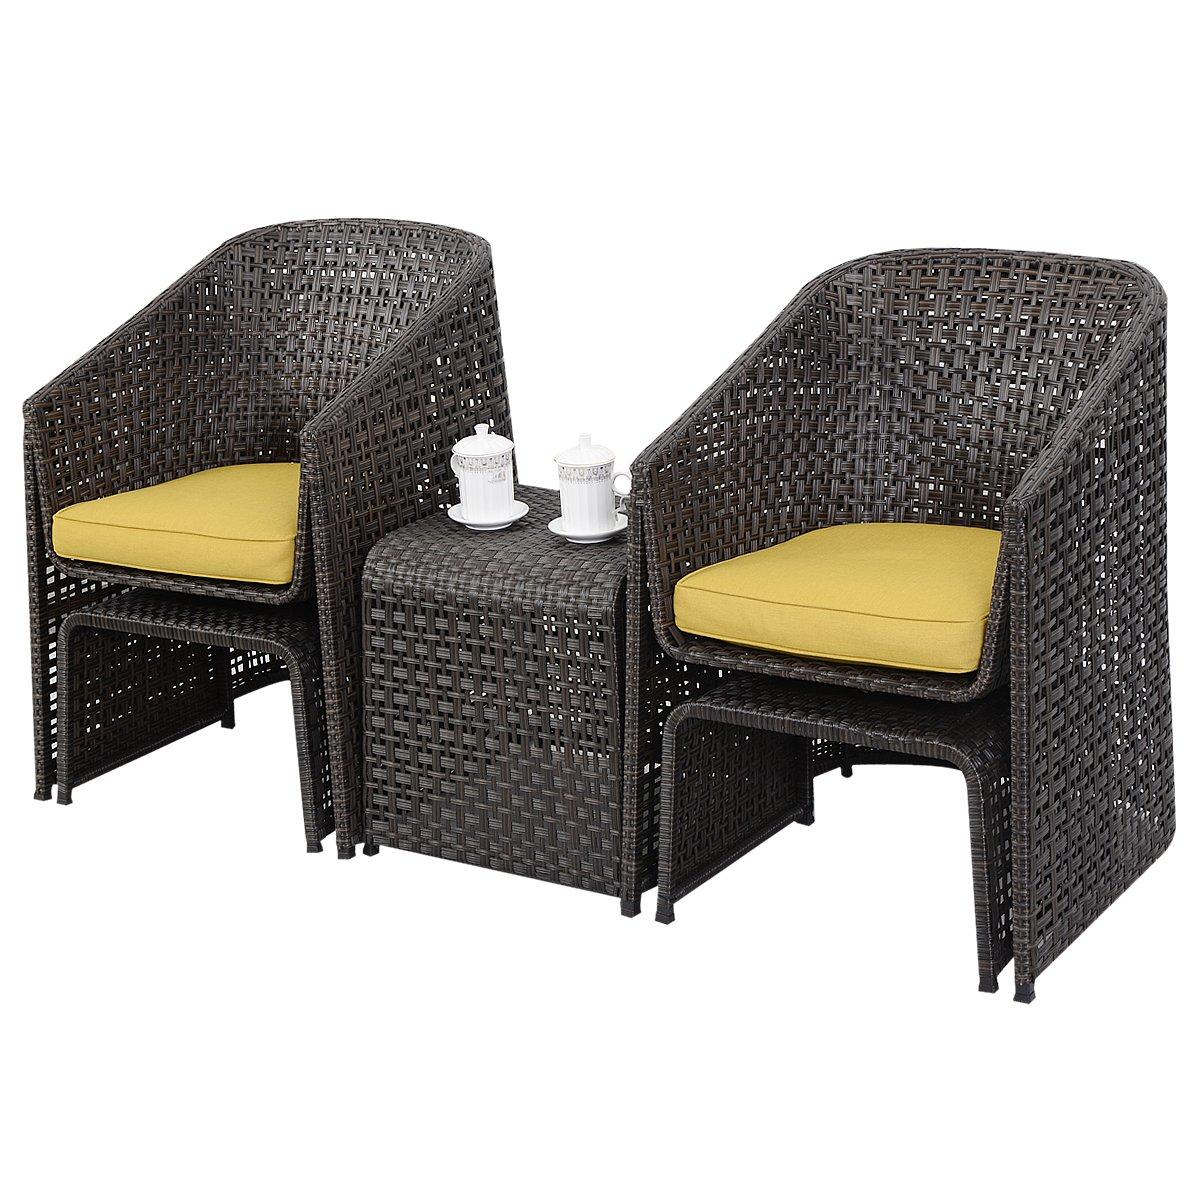 gebrauchte sitzgarnituren essen. Black Bedroom Furniture Sets. Home Design Ideas